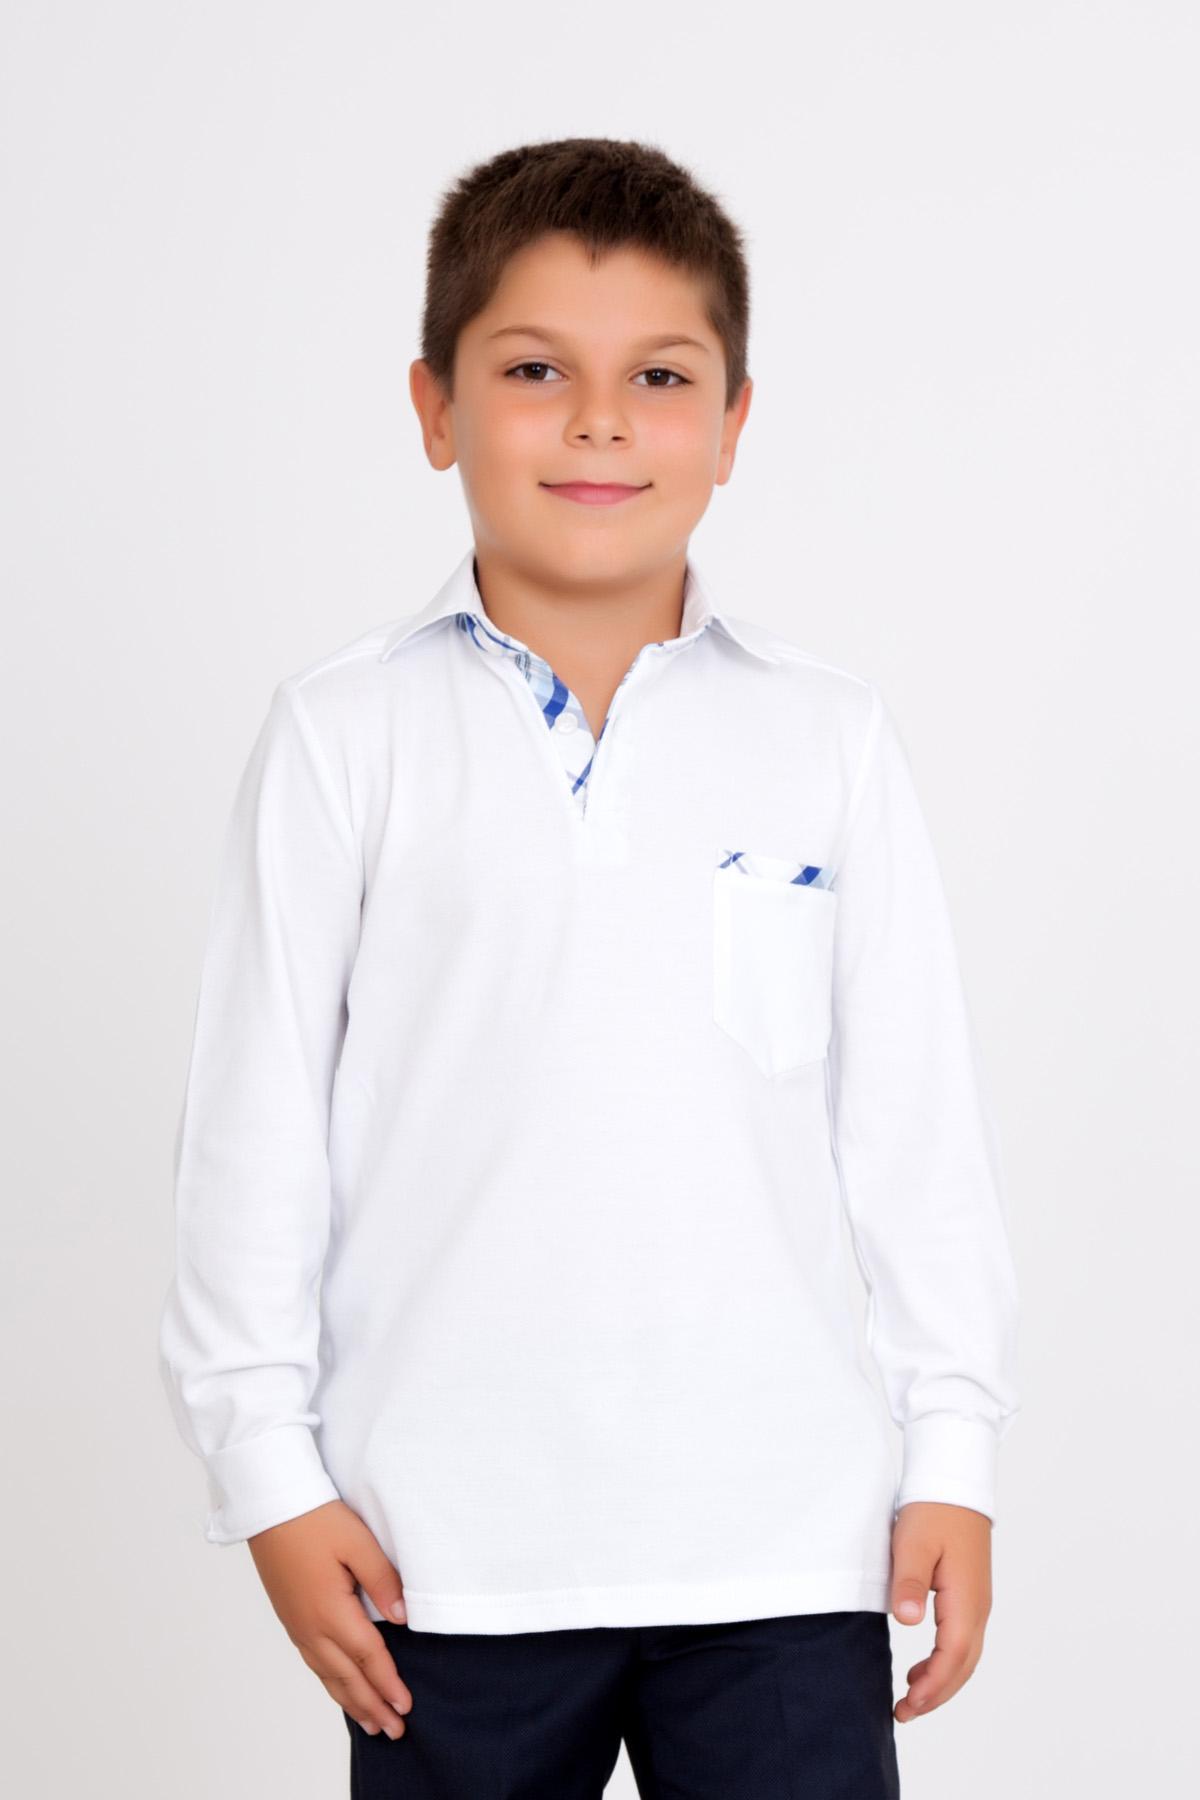 Дет. джемпер арт. 18-0132 Белый р. 36Толстовки, джемпера и рубашки<br><br><br>Тип: Дет. джемпер<br>Размер: 36<br>Материал: Пике